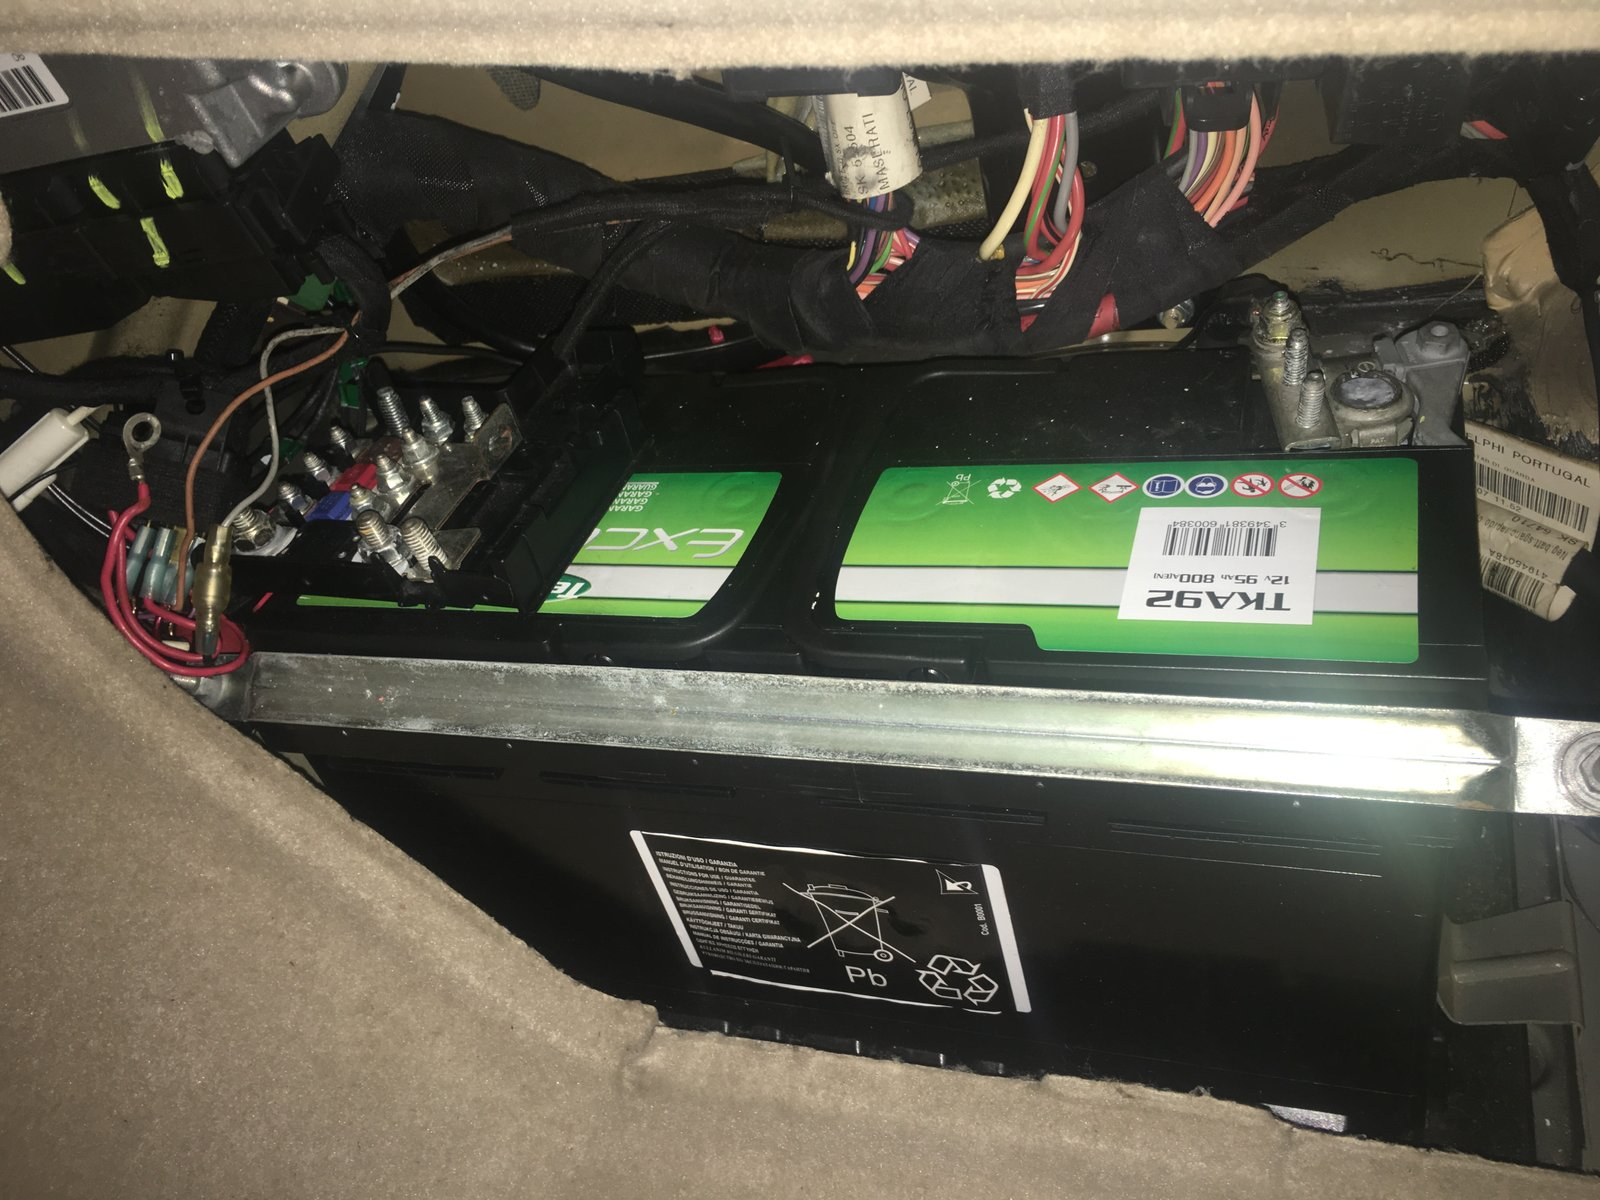 15C8070F-CA5D-4425-BB34-D8A7CC9E669E.